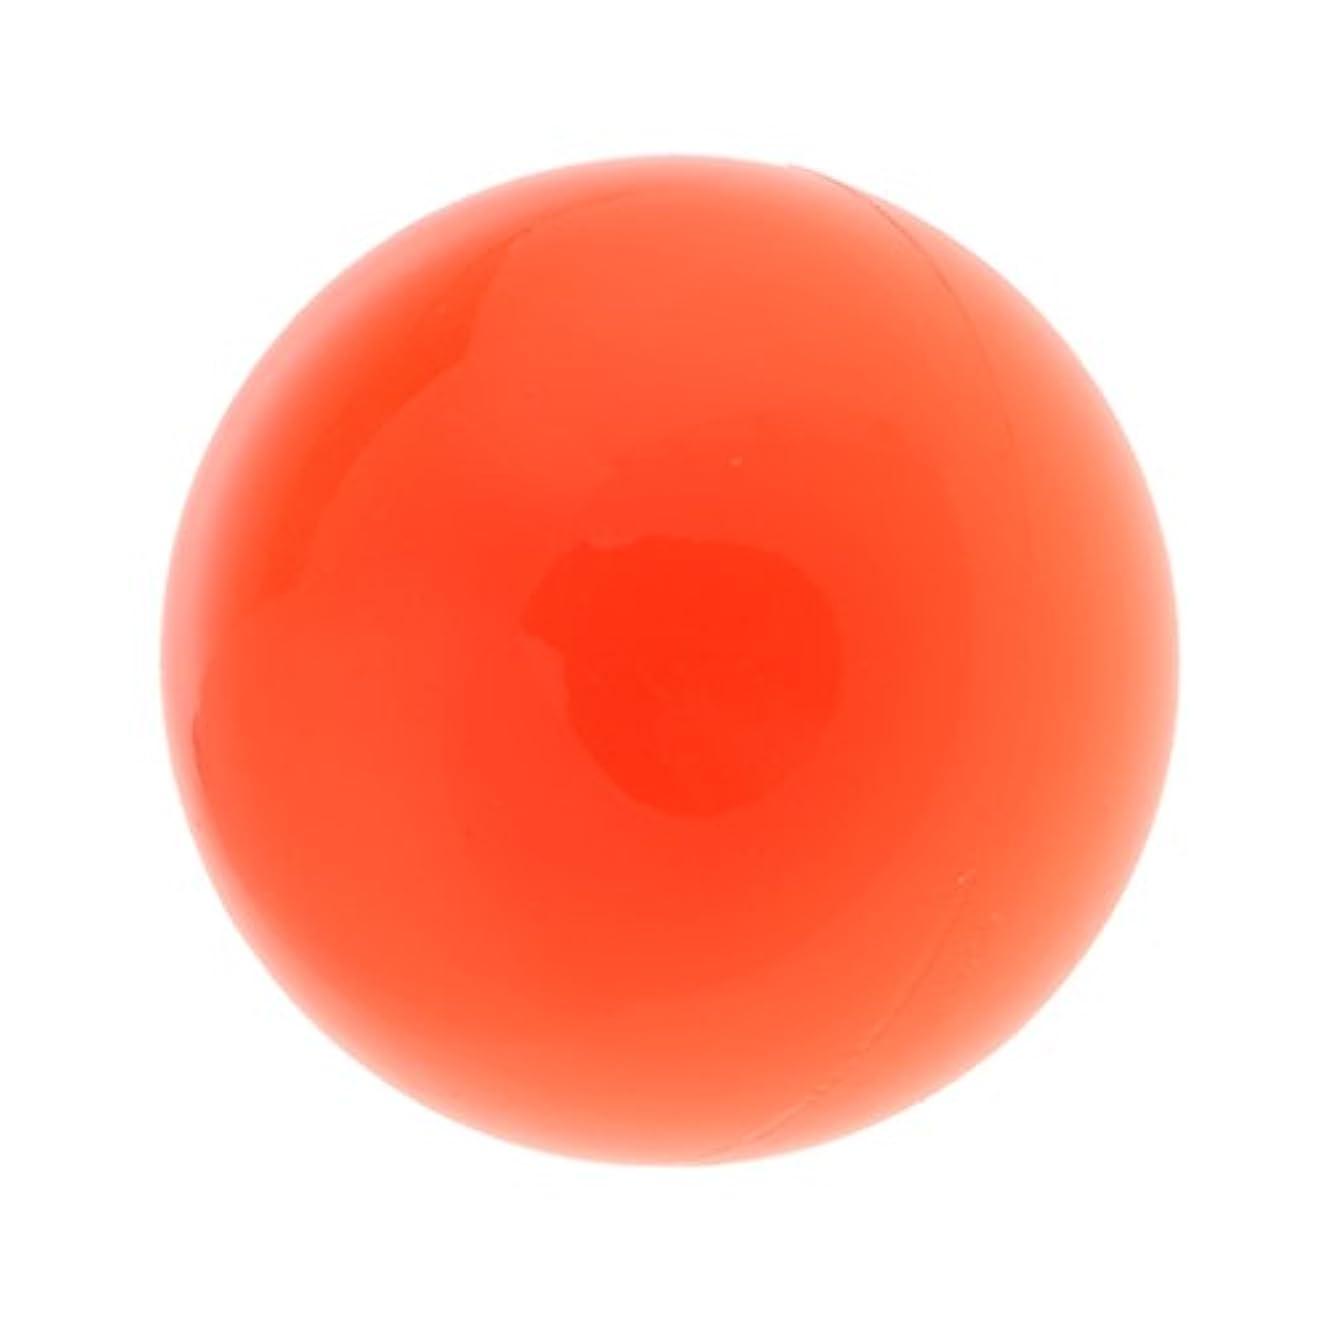 CUTICATE ポイントマッサージ ボール ラクロスマッサージボール マッサージ ソフト トレーニング